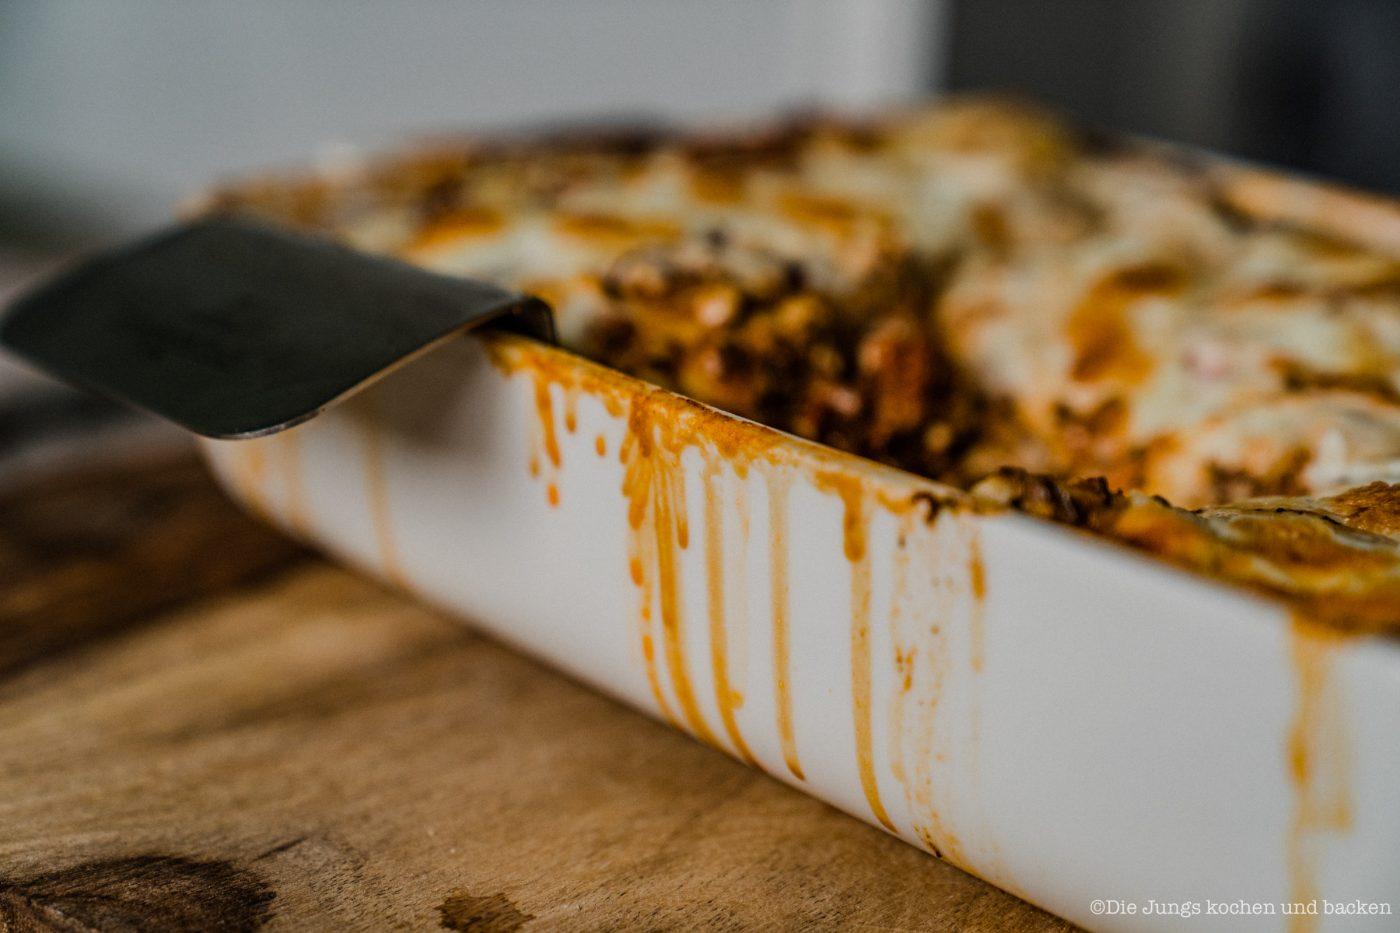 Lasagne al forno 14 | Nachdem wir jetzt in der vergangenen Woche selber Mehl gemahlen, Pastateig selber zu bereitet und natürlich auch damit Nudeln hergestellt haben, ist es wirklich Zeit dafür, unser uraltes Rezept für eine Lasagne al forno einmal ein wenig zu überholen. Da passte es doch perfekt, dass wir dringend ein wenig Comfort-Food brauchten, also Essen, bei dem es einem einfach gut gehen muss. Das Rezept stammt aus unseren Kinderschuhen aus dem Jahr 2013. Keine Sorge. Das Rezept war damals schon Klasse und wir haben es auch bis heute nicht verändert.